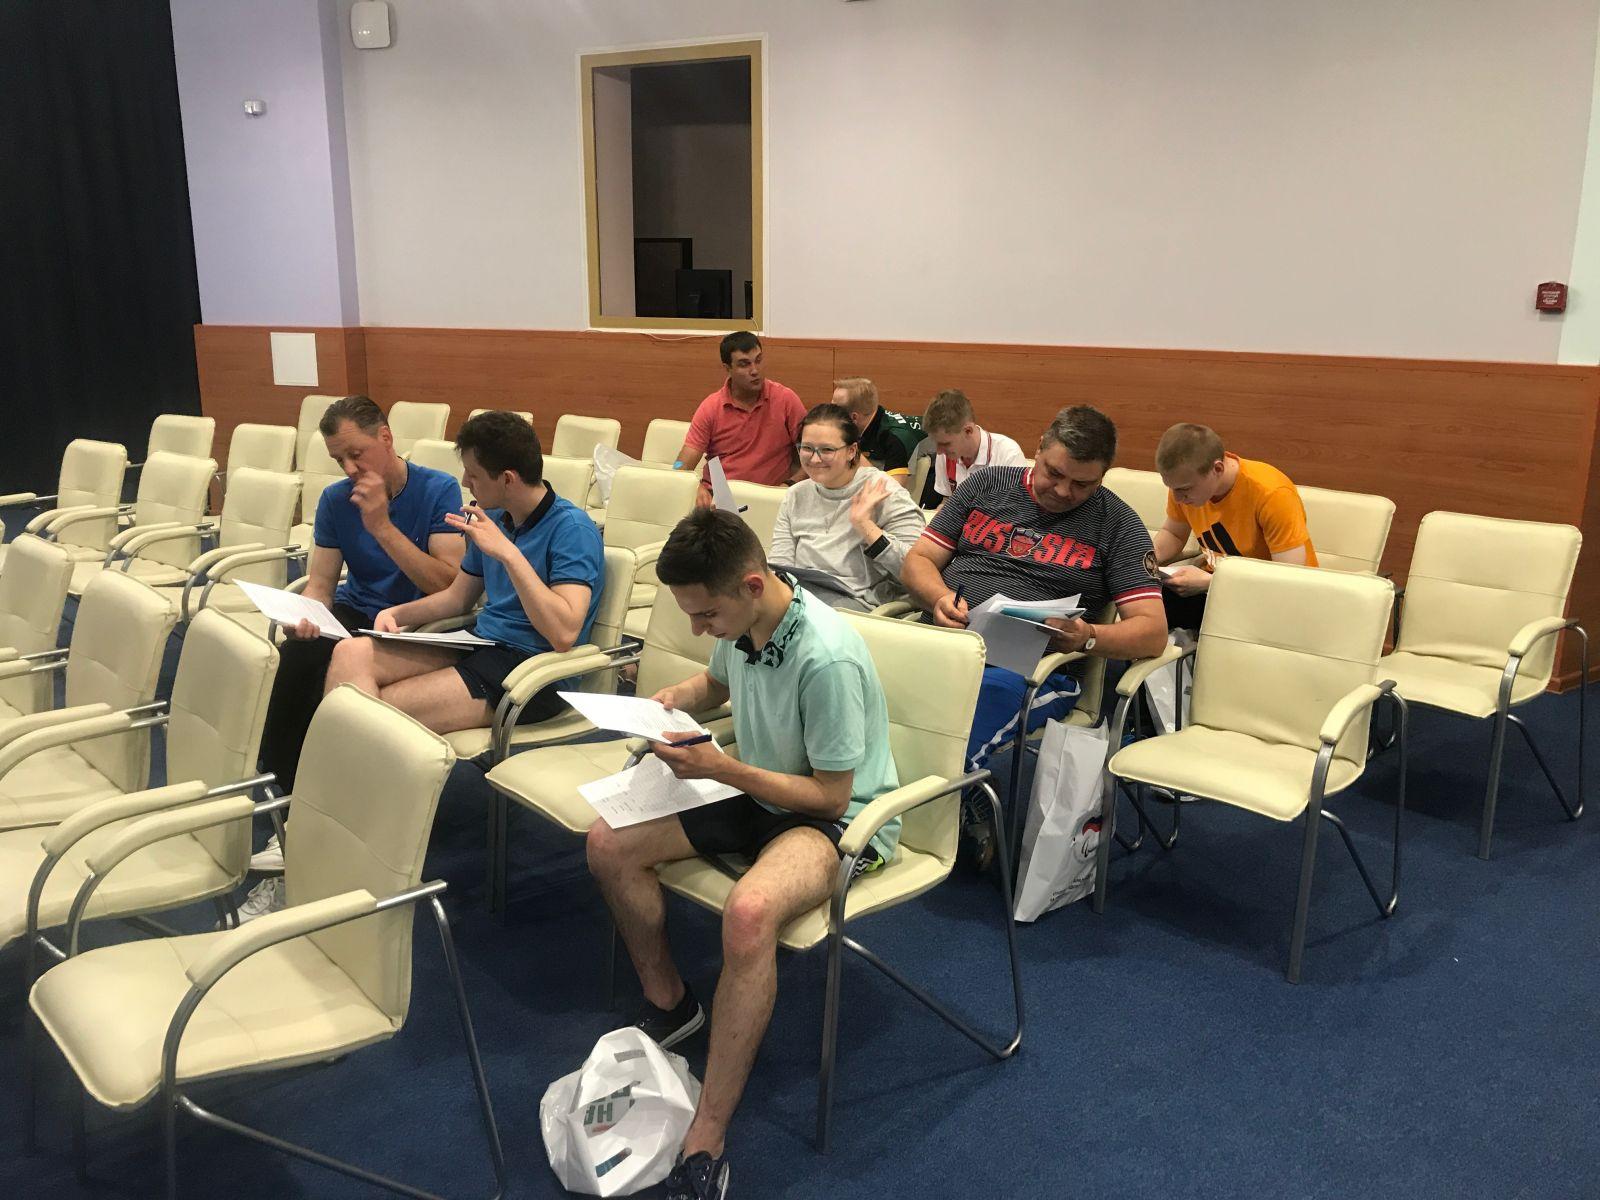 ПКР в г. Алексине (Тульская область) на РУТБ «ОКА» провел Антидопинговые семинары для членов сборных команд России по волейболу сидя, стрельбе из лука и настольному теннису спорта лиц с ПОДА